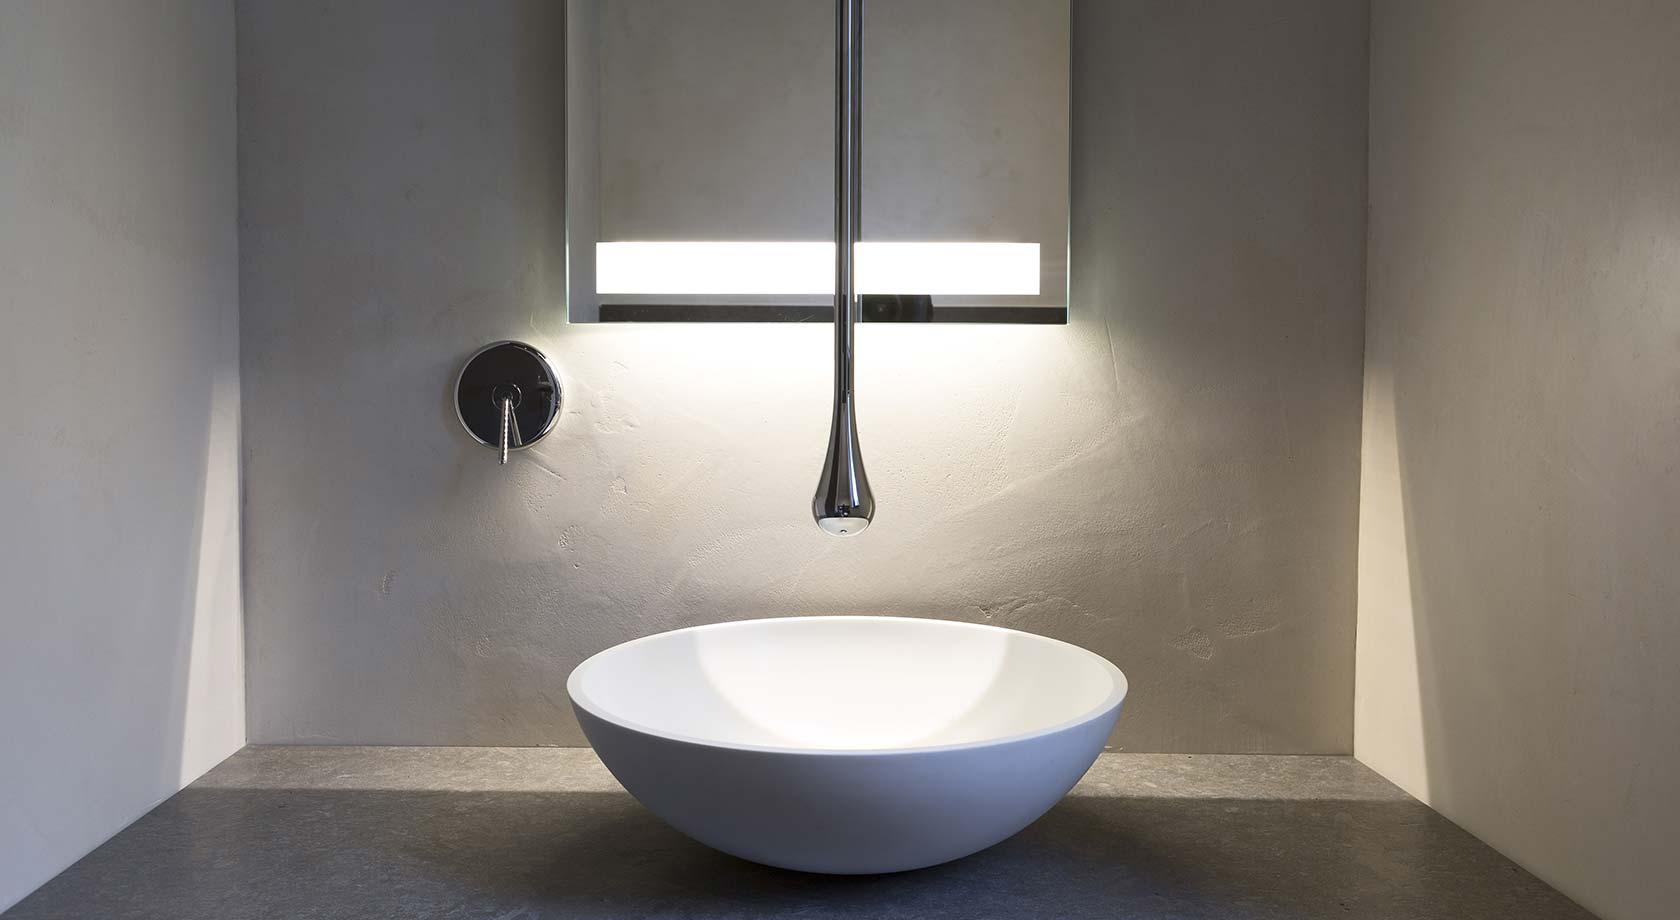 Vasche da bagno in corian rivestite in pietra arredo bagno su misura - Vasche da bagno su misura ...